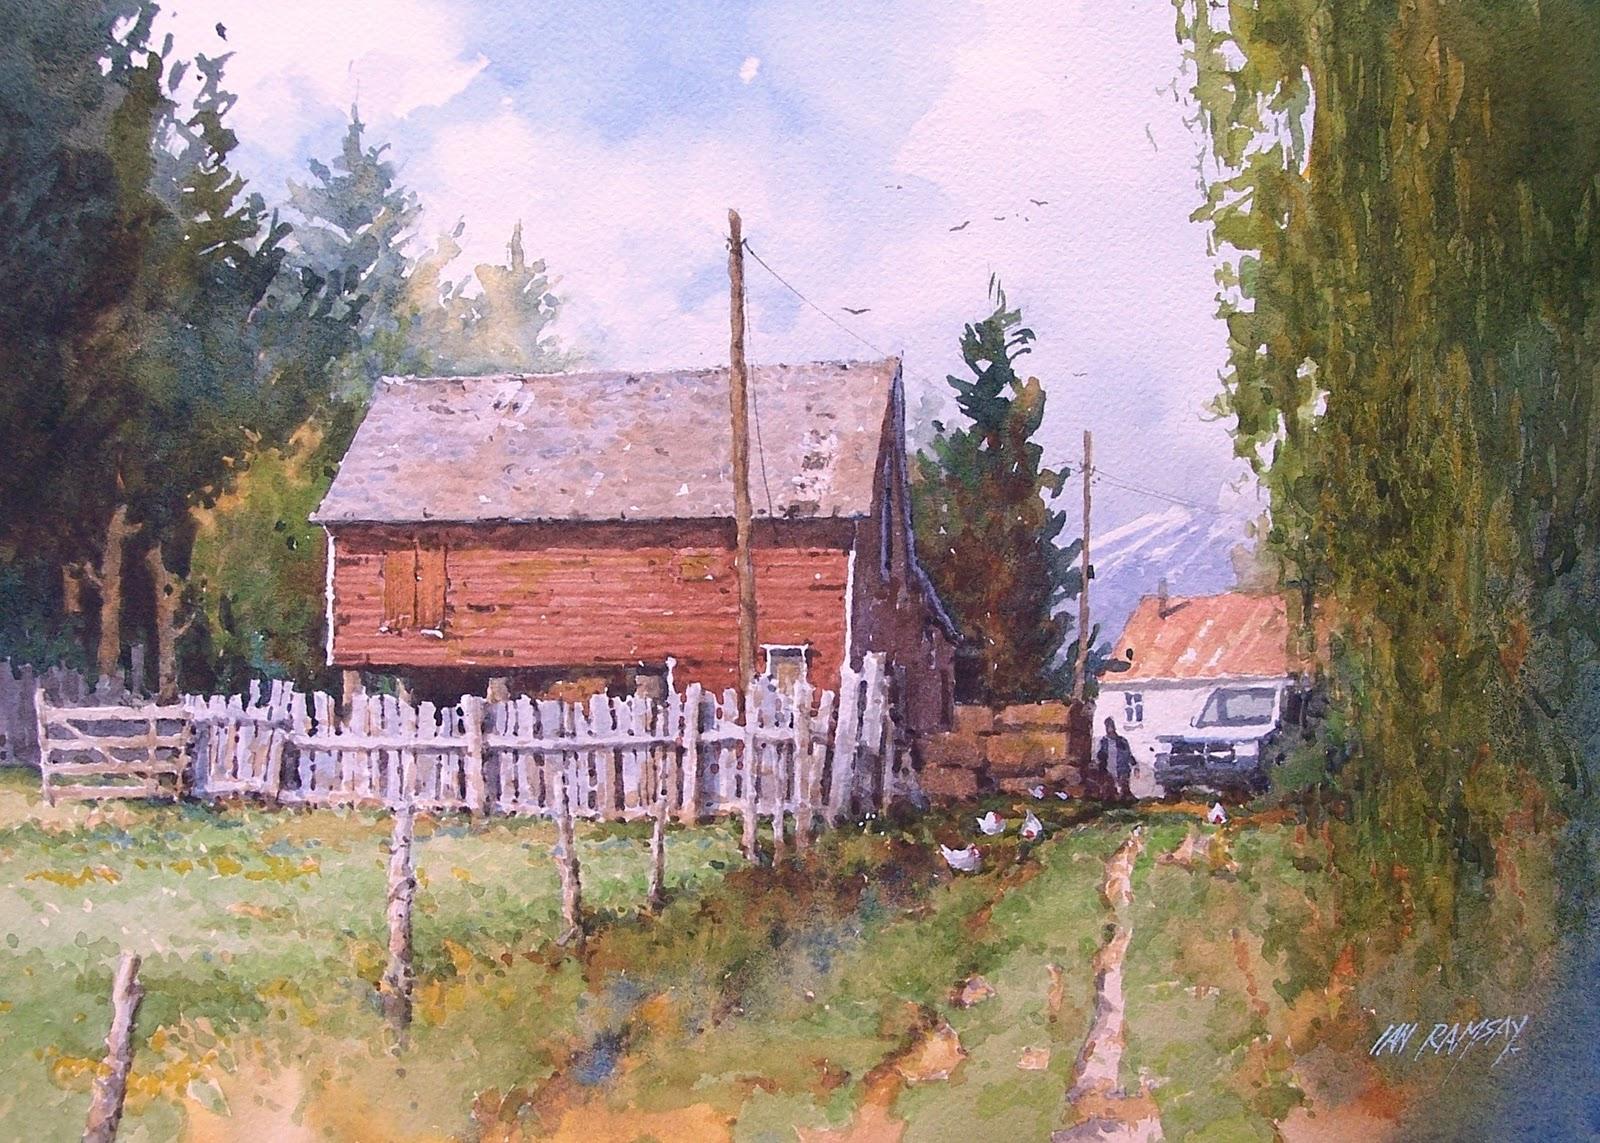 Ian Ramsay Watercolors January 2012